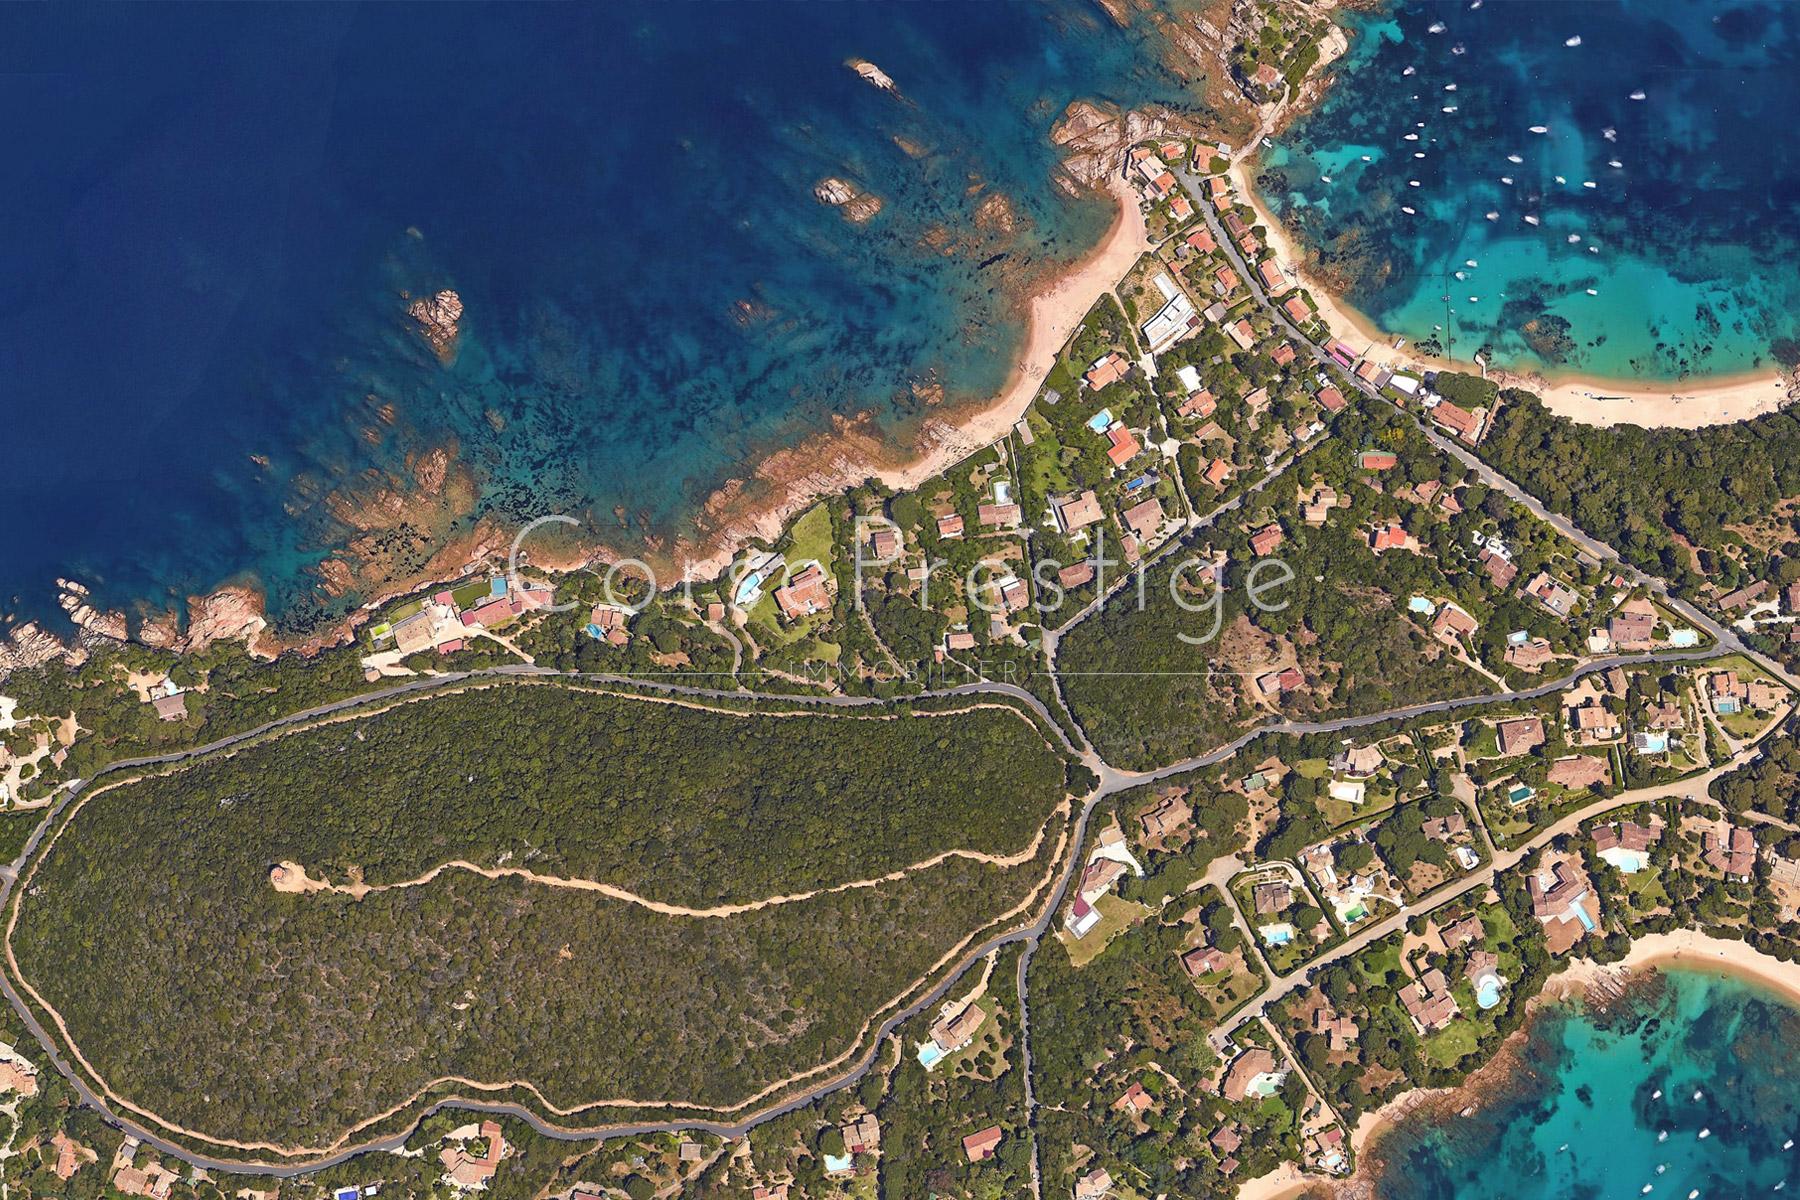 villa-a-vendre-presqu-ile-isolella-golfe-ajaccio